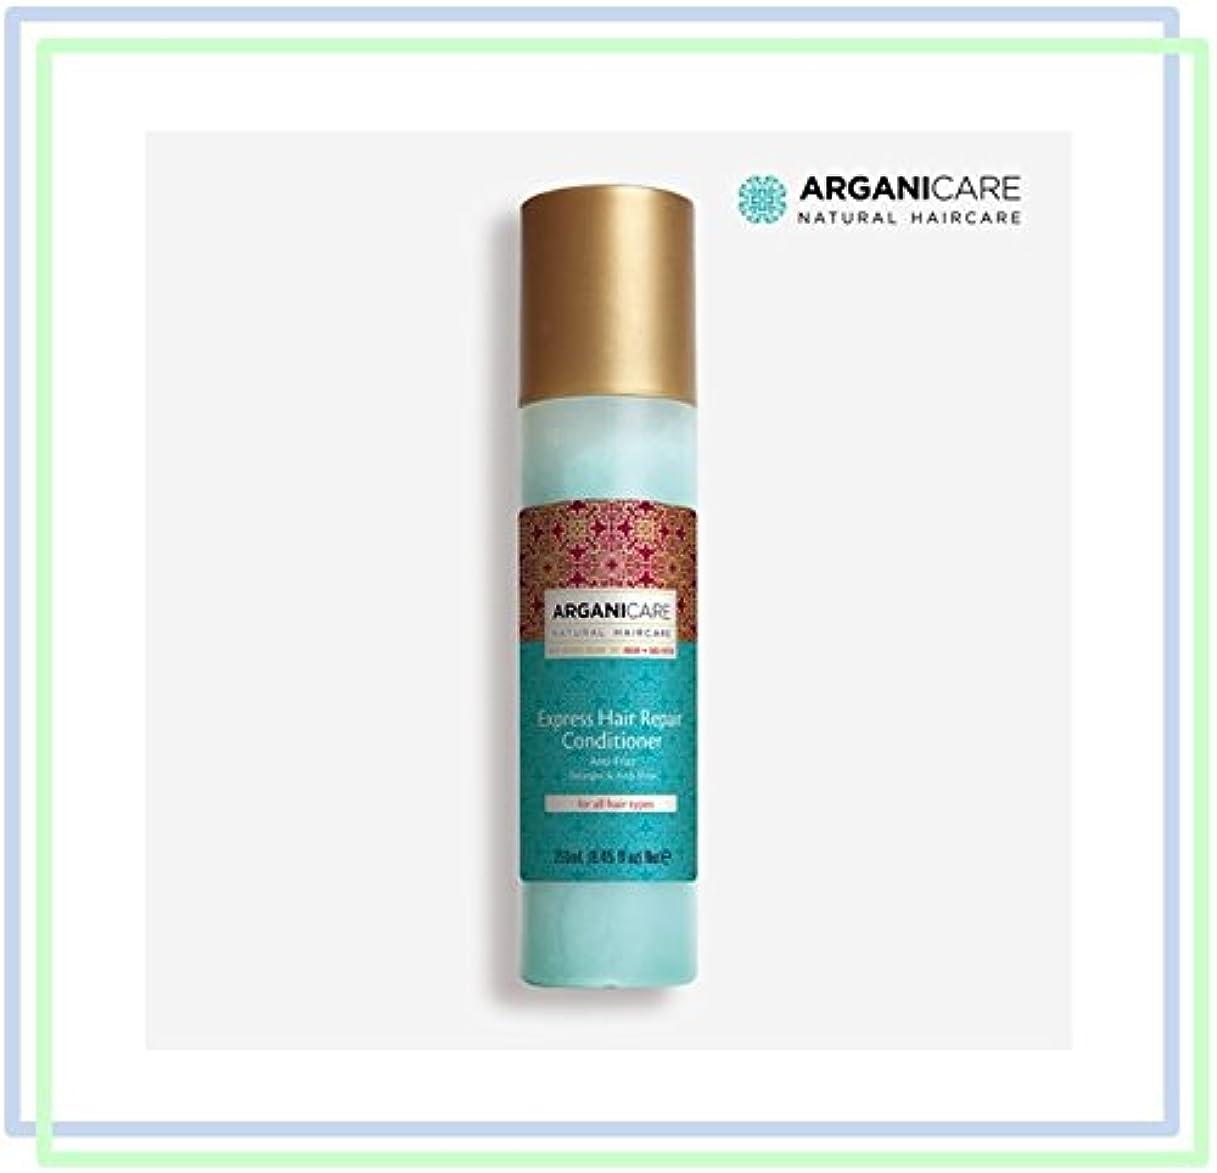 のホスト説明する規則性[アルガニケア][ARGANICARE]エクスプレス ヘアリペア コンディショナー Express Hair Repair Conditioner [並行輸入品]